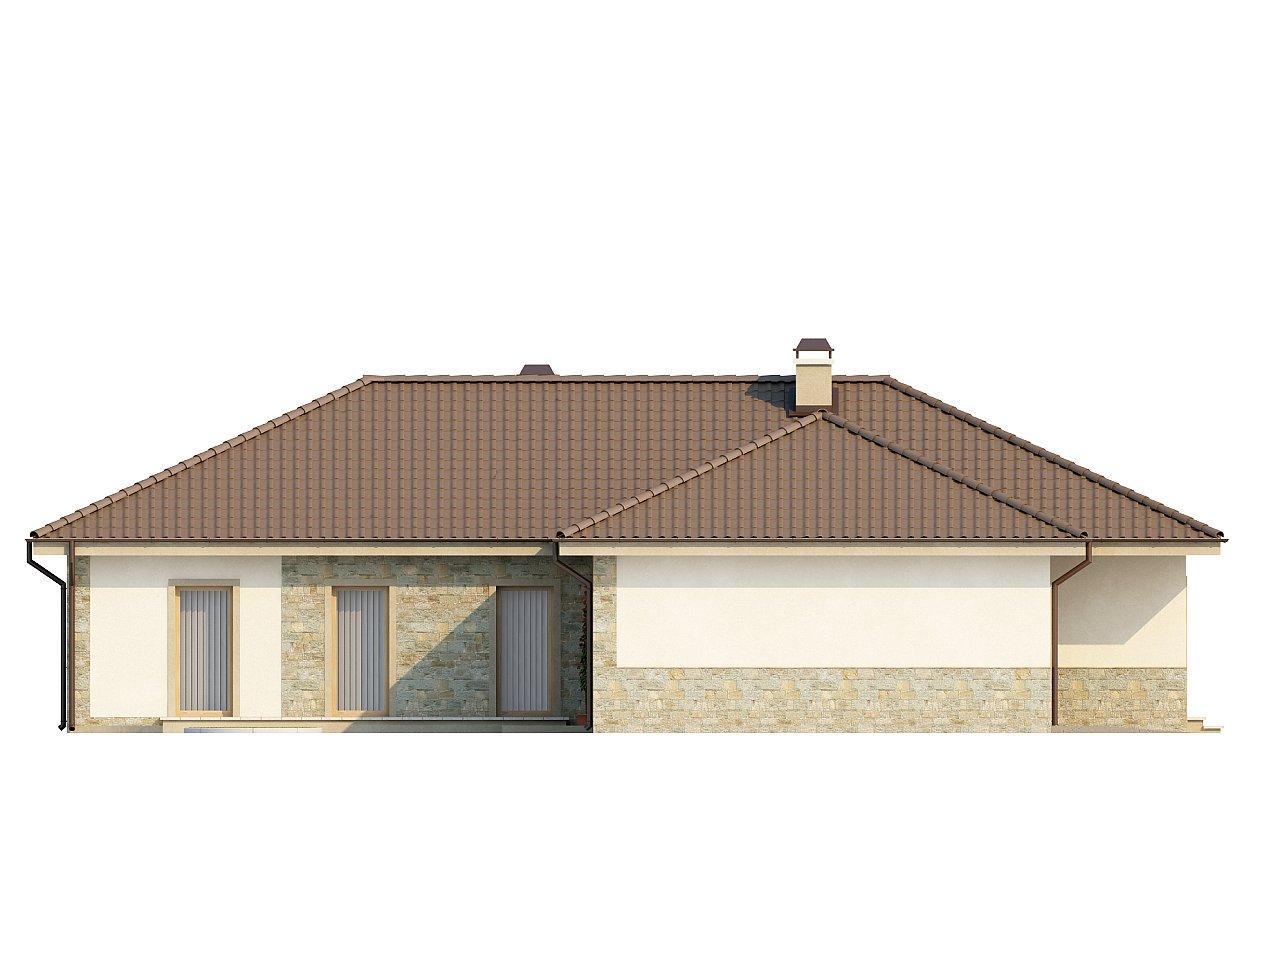 Одноэтажный дом в скандинавском стиле с дополнительной фронтальной террасой и гаражом на две машины. 5